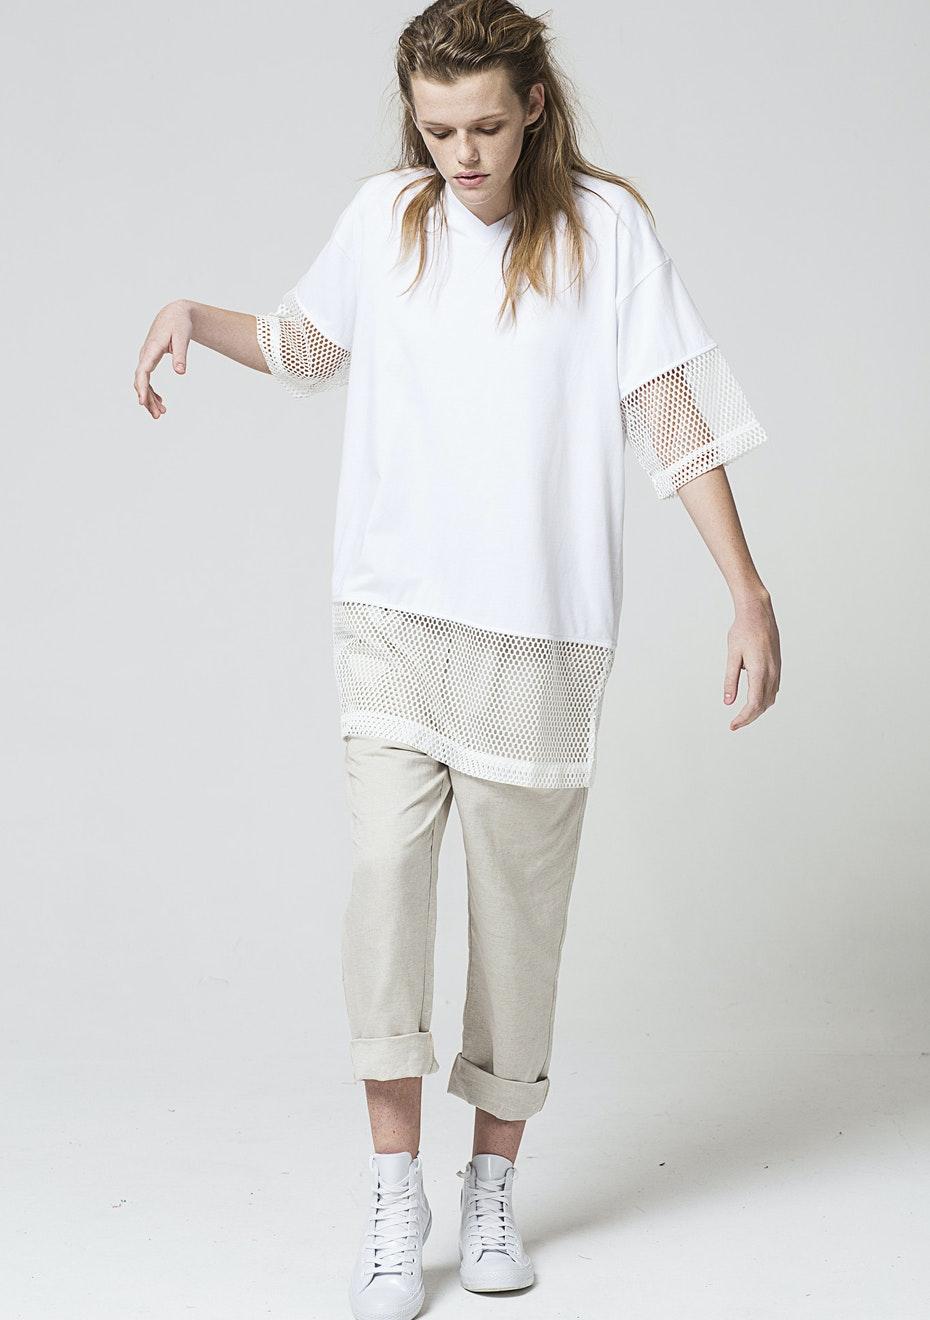 Salasai Symmetry Tee - White